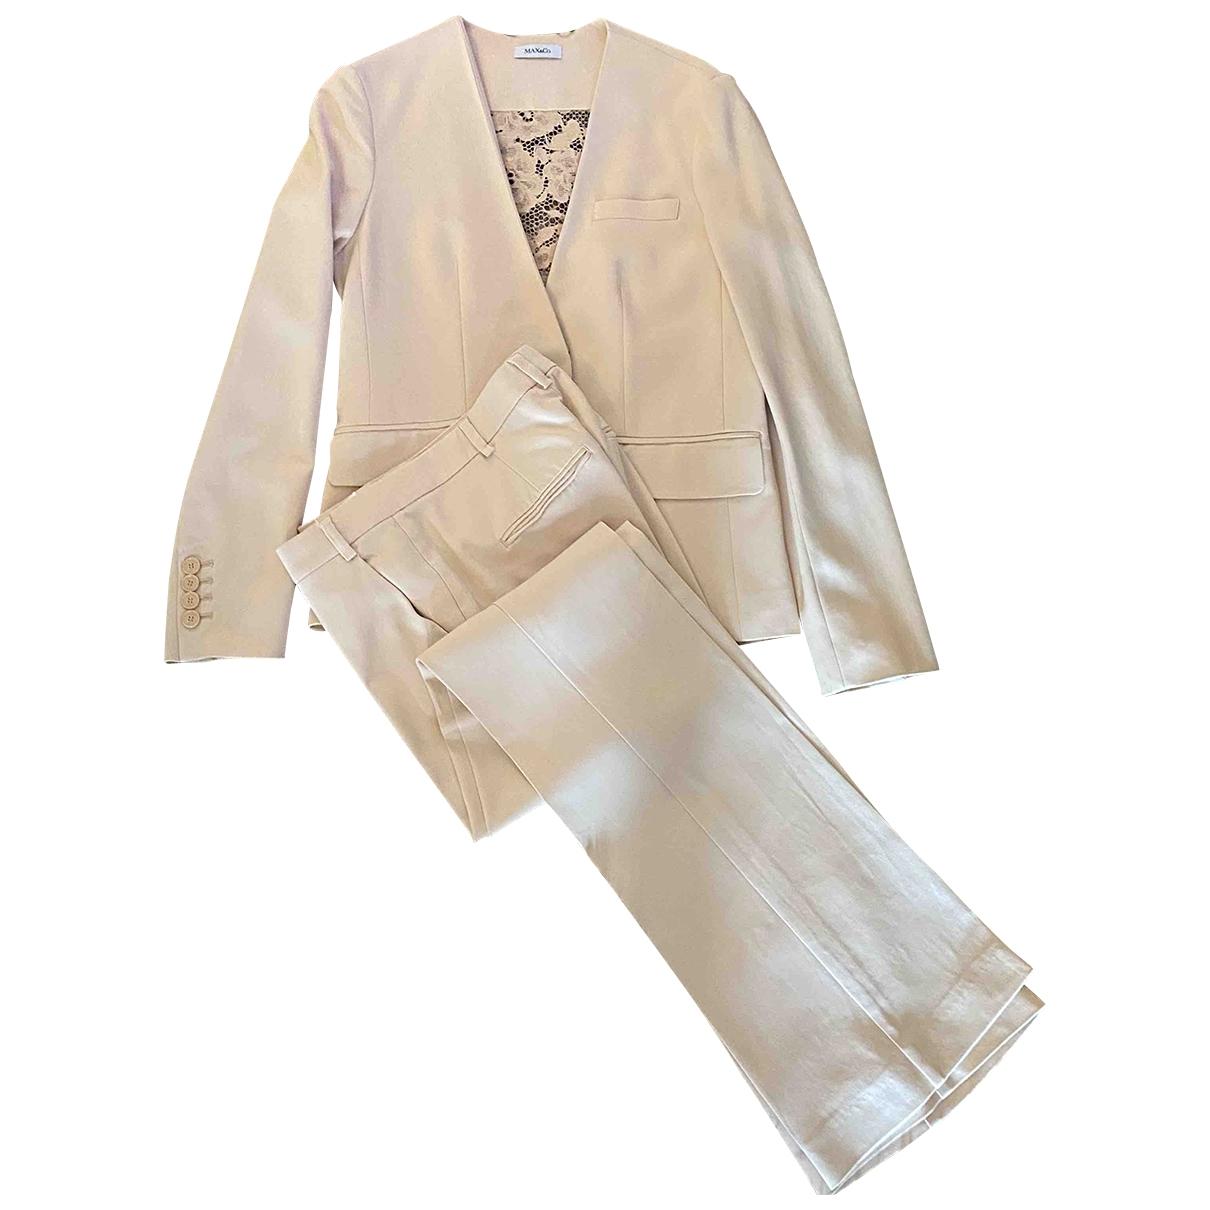 Max & Co \N Beige jacket for Women S International